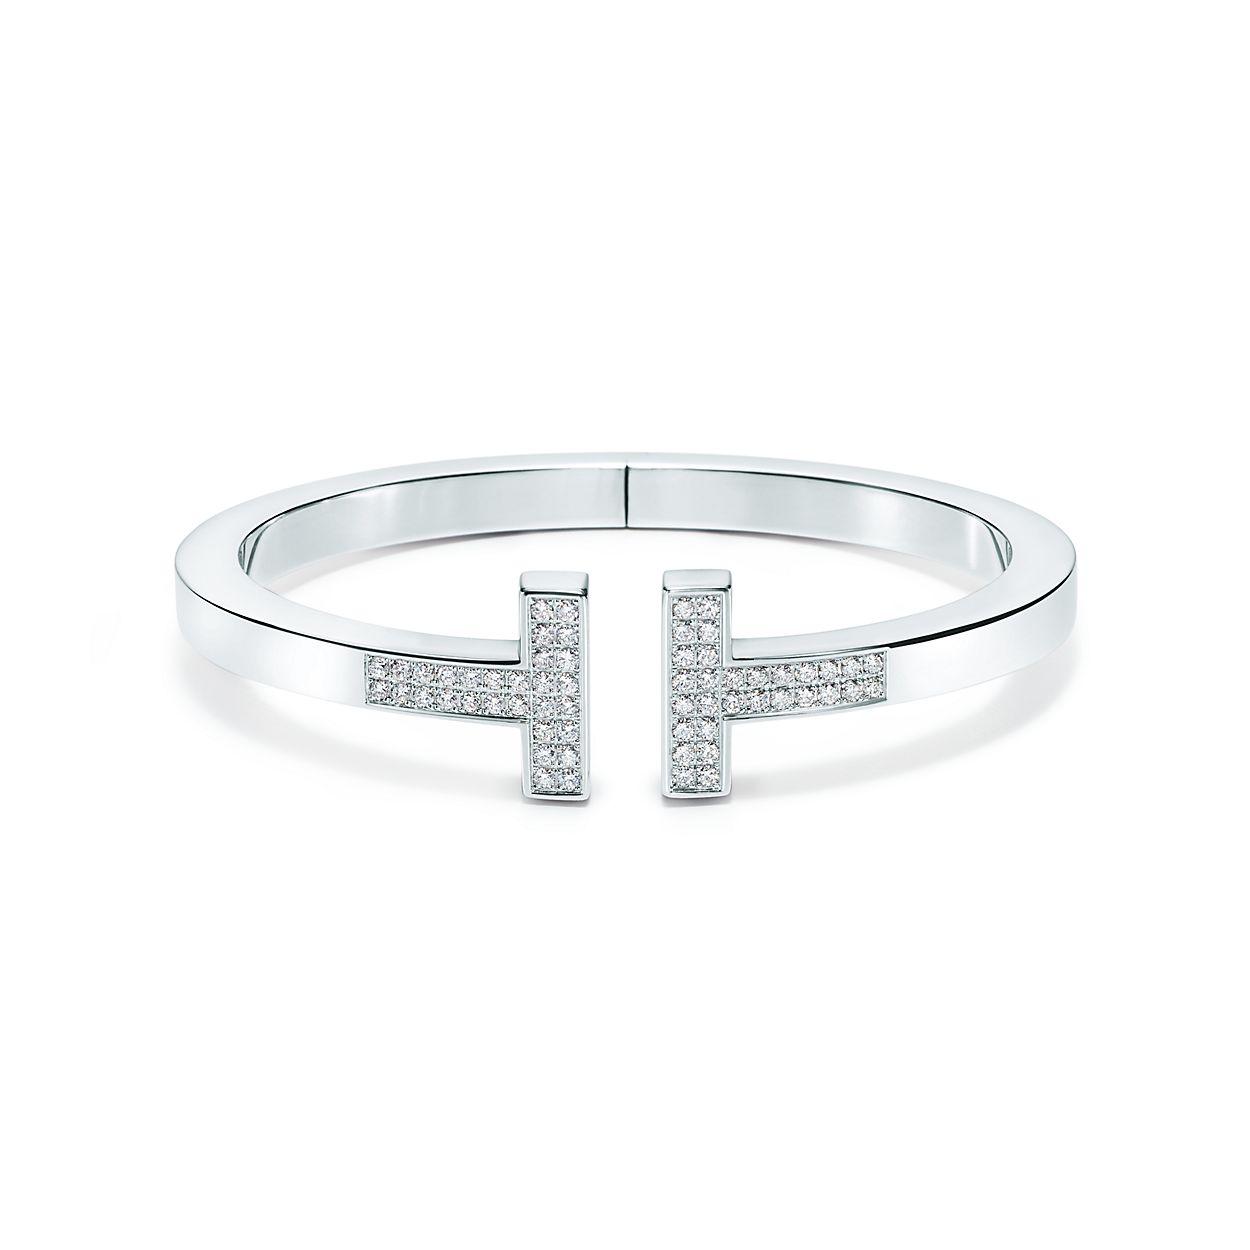 tiffany t square bracelet in 18k white gold with pavé diamonds